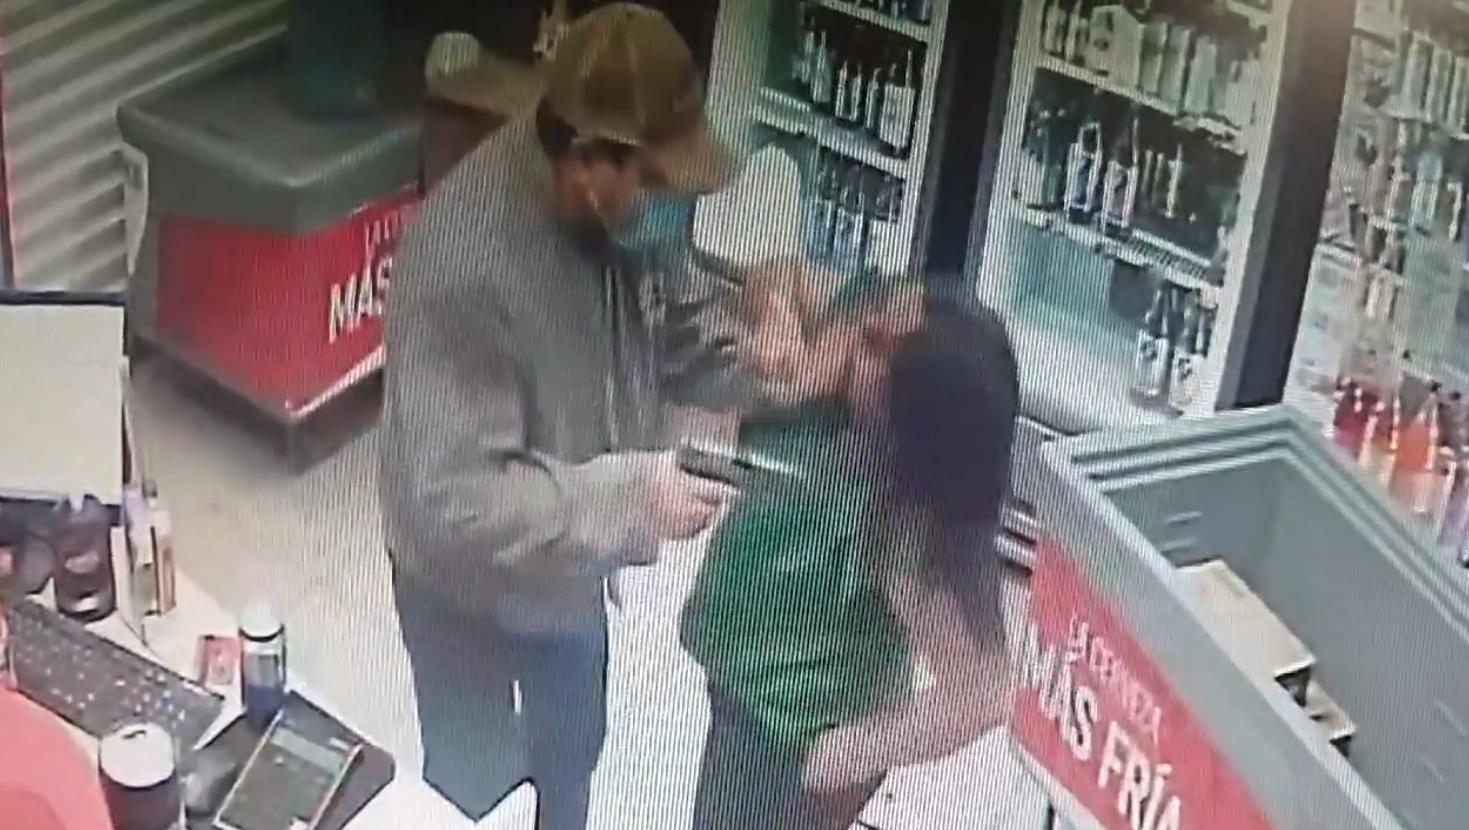 Solitario ladrón amaga a empleada de negocio con arma de fuego